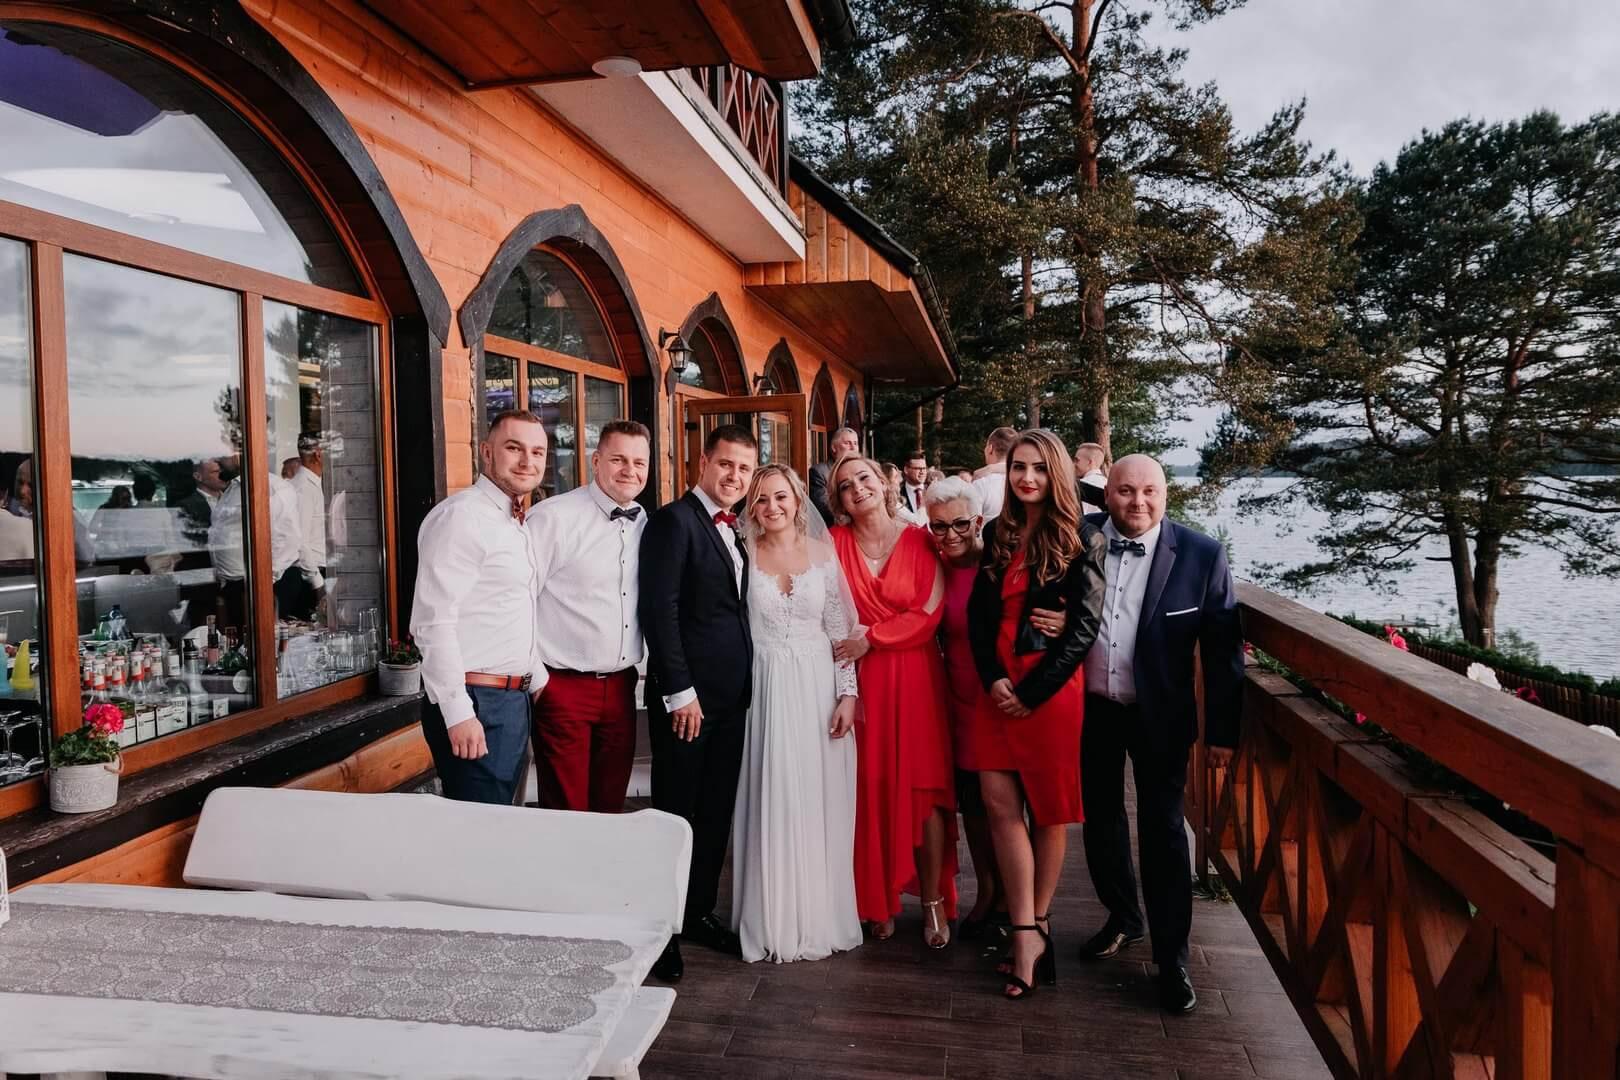 Zdjęcia grupowe na weselu. fotograf Szpakowicz Aleksander Gdańsk, Trójmiasto - szpakowicz-studio.pl 7